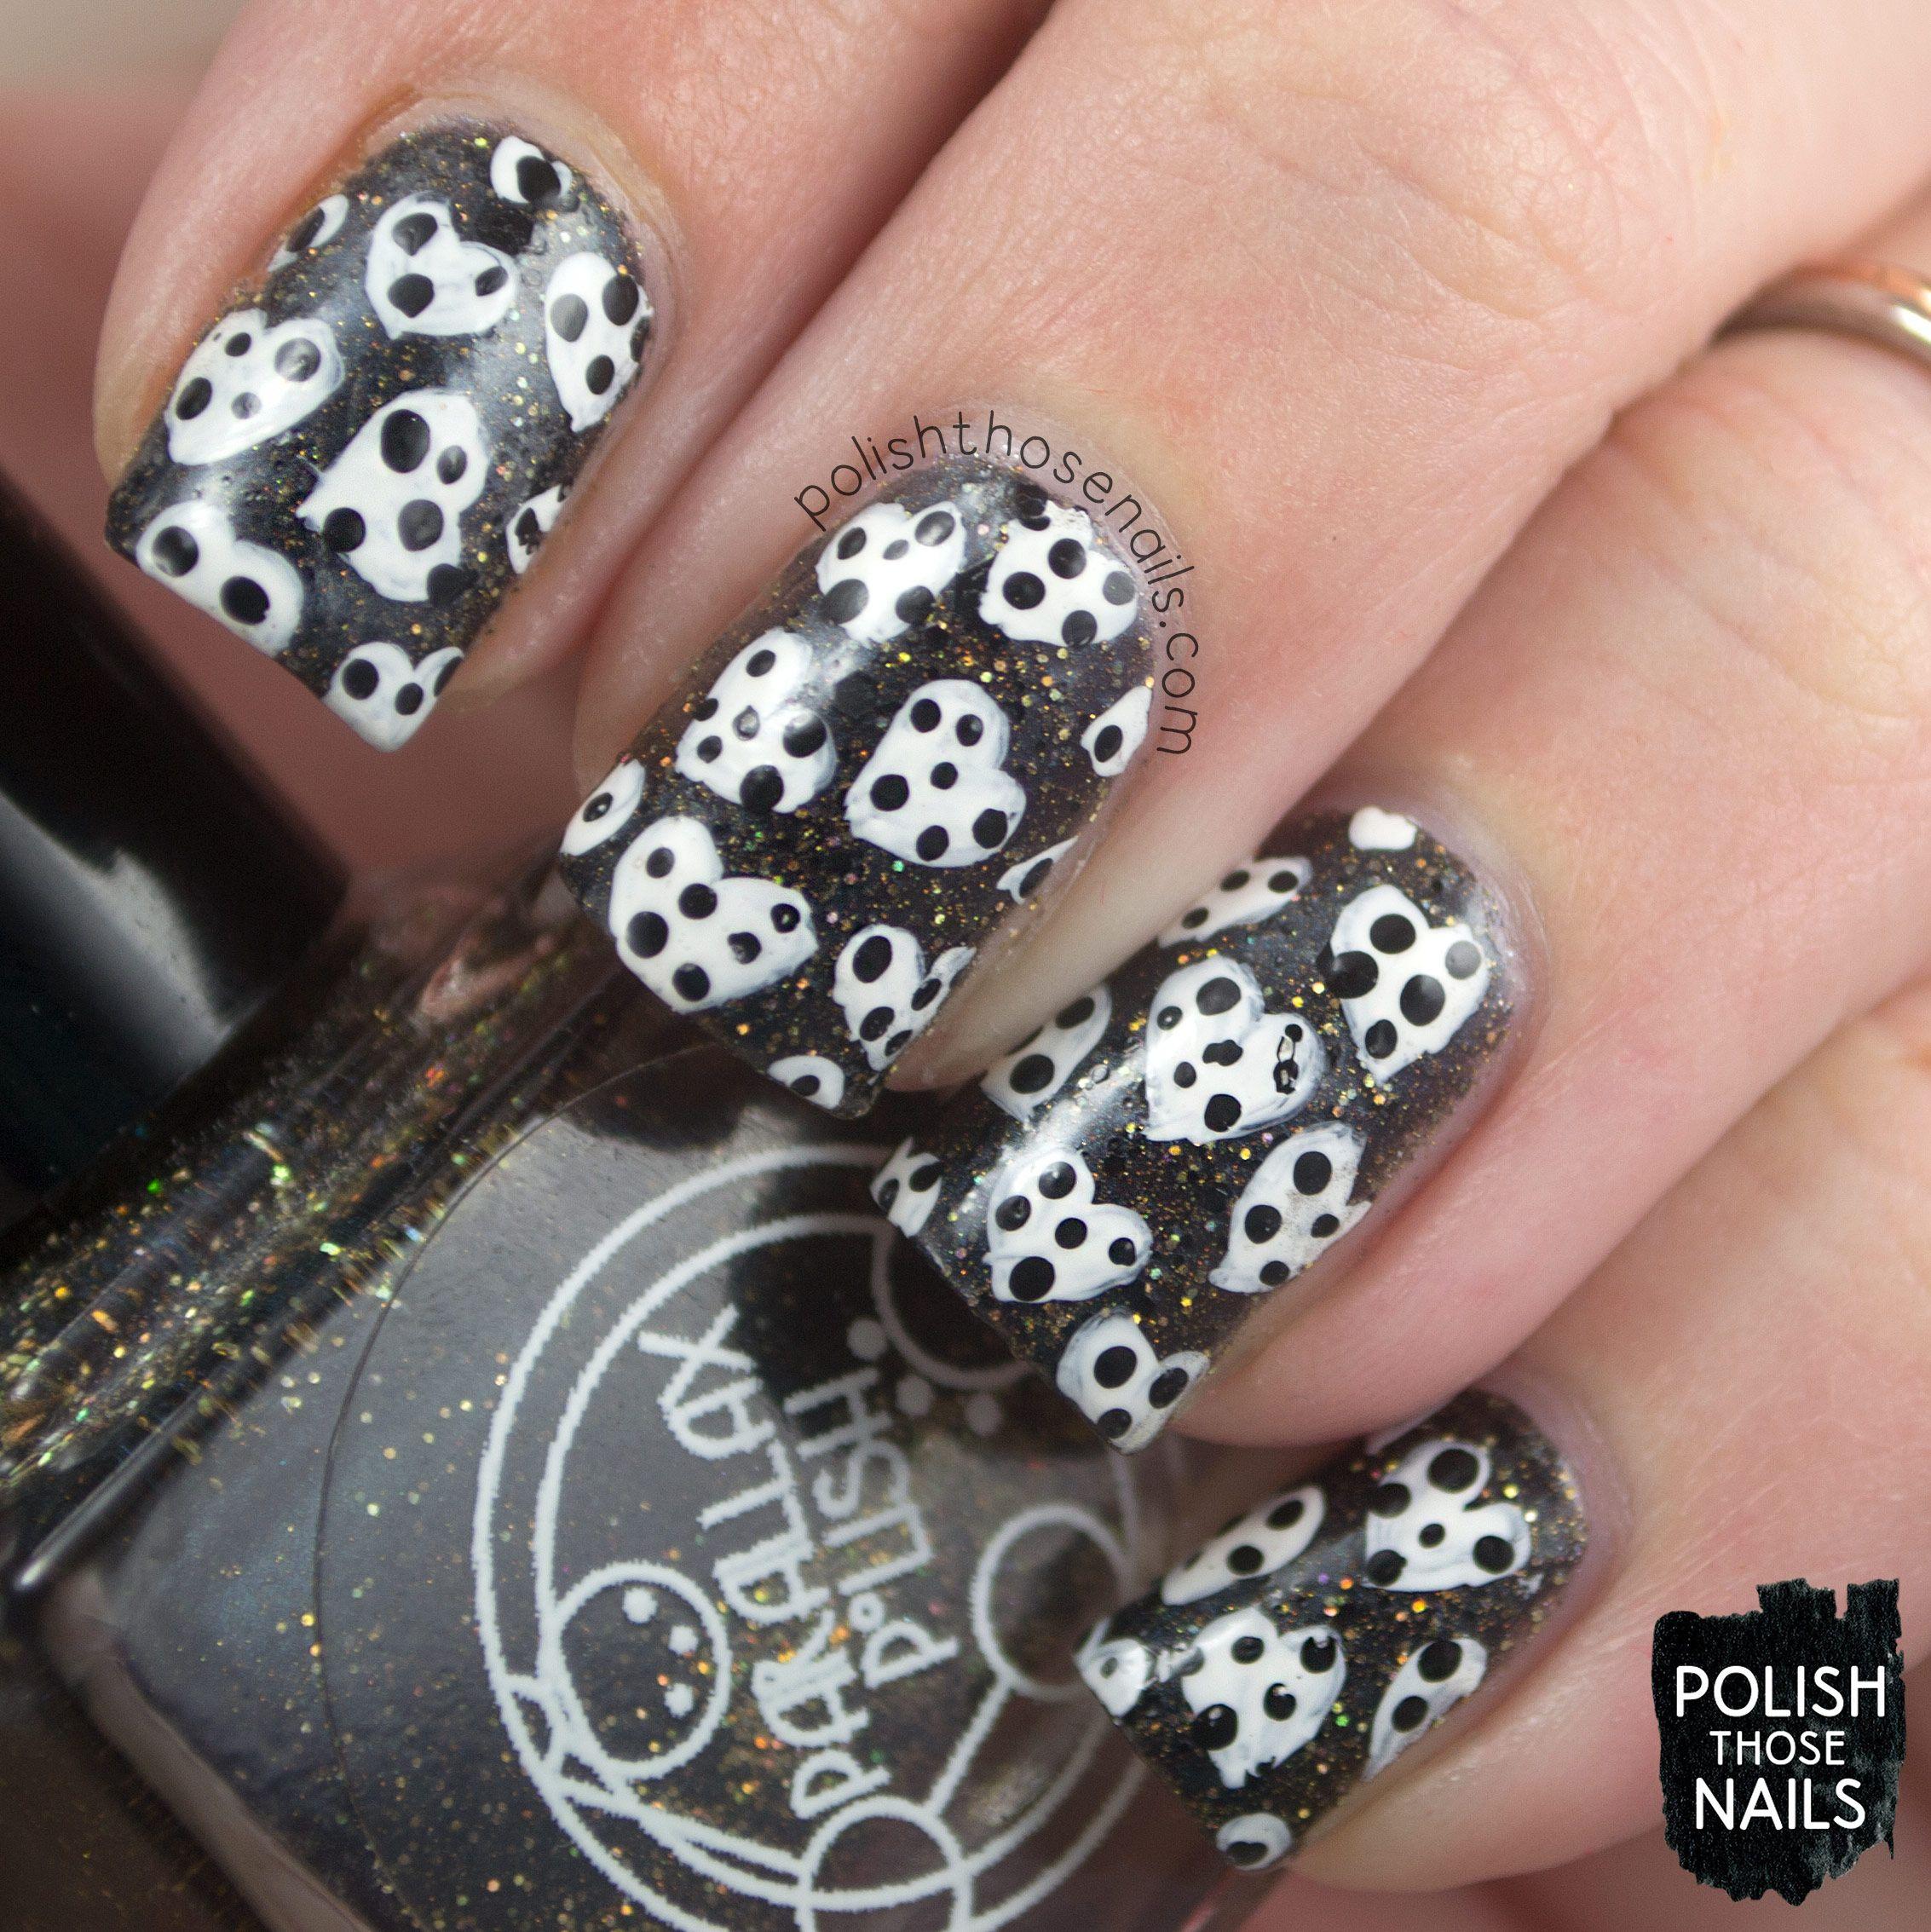 Dotty Hearts Polish Those Nails 26 Great Nail Art Ideas